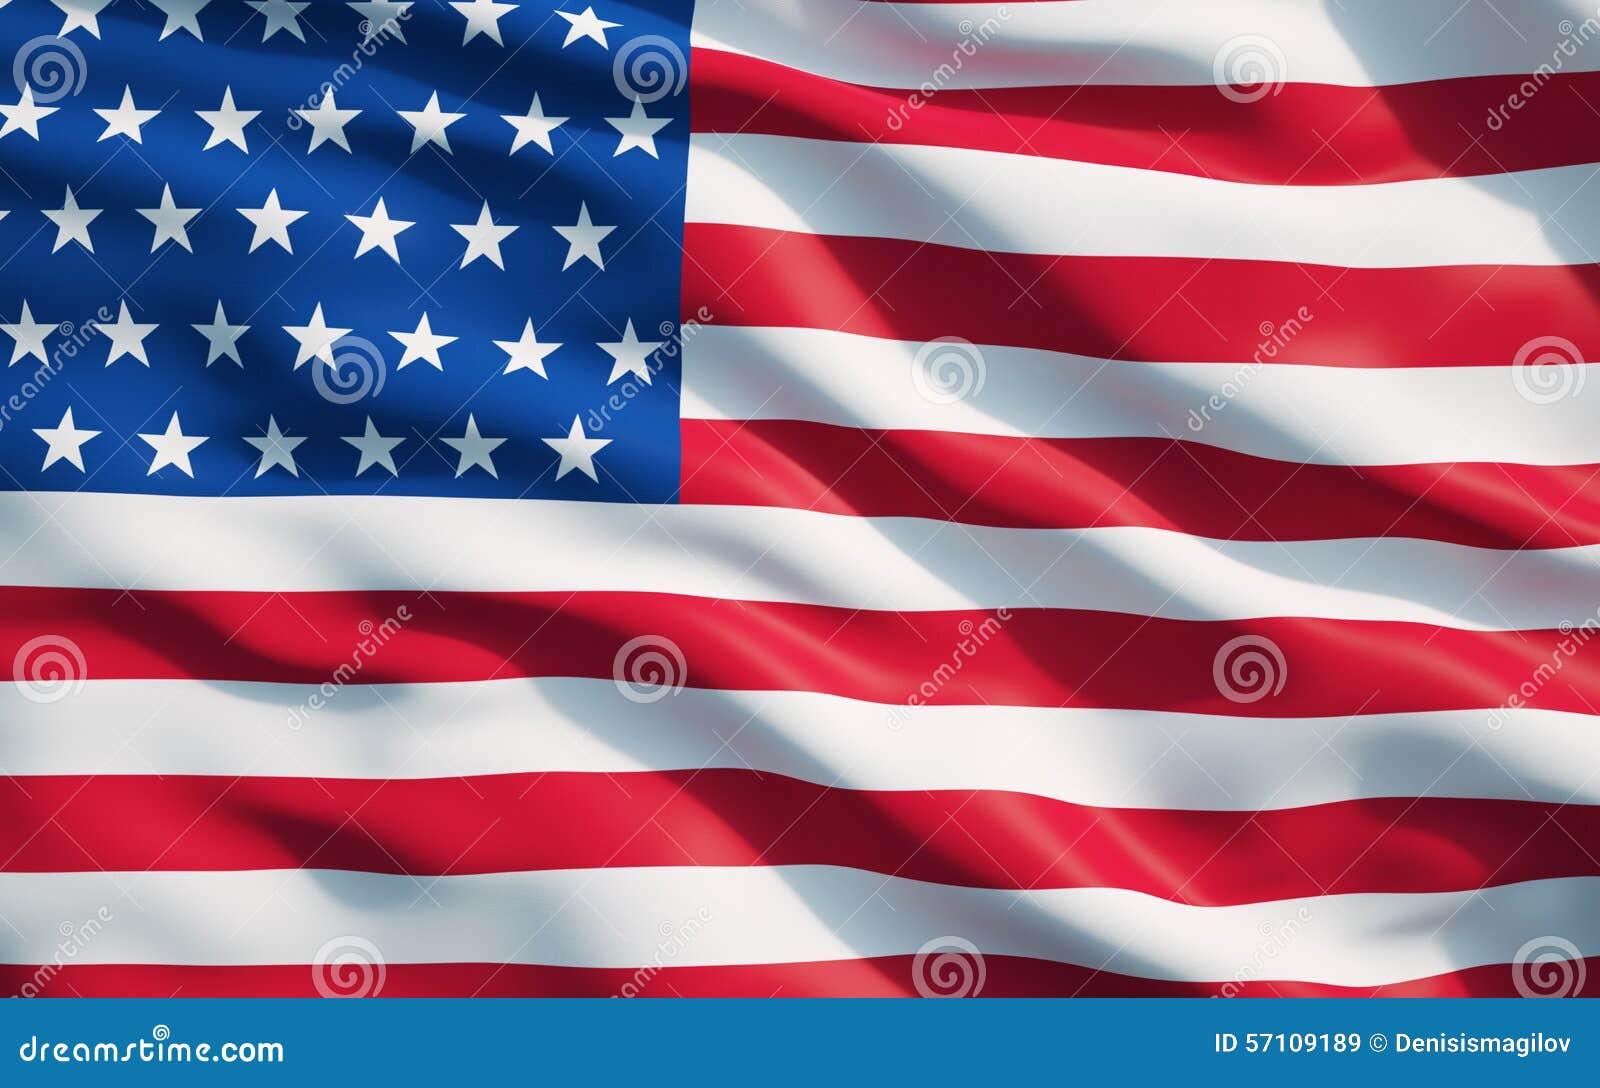 Fermez vous du drapeau de l 39 tat uni de l 39 am rique image stock image 57109189 - Drapeau de l amerique ...